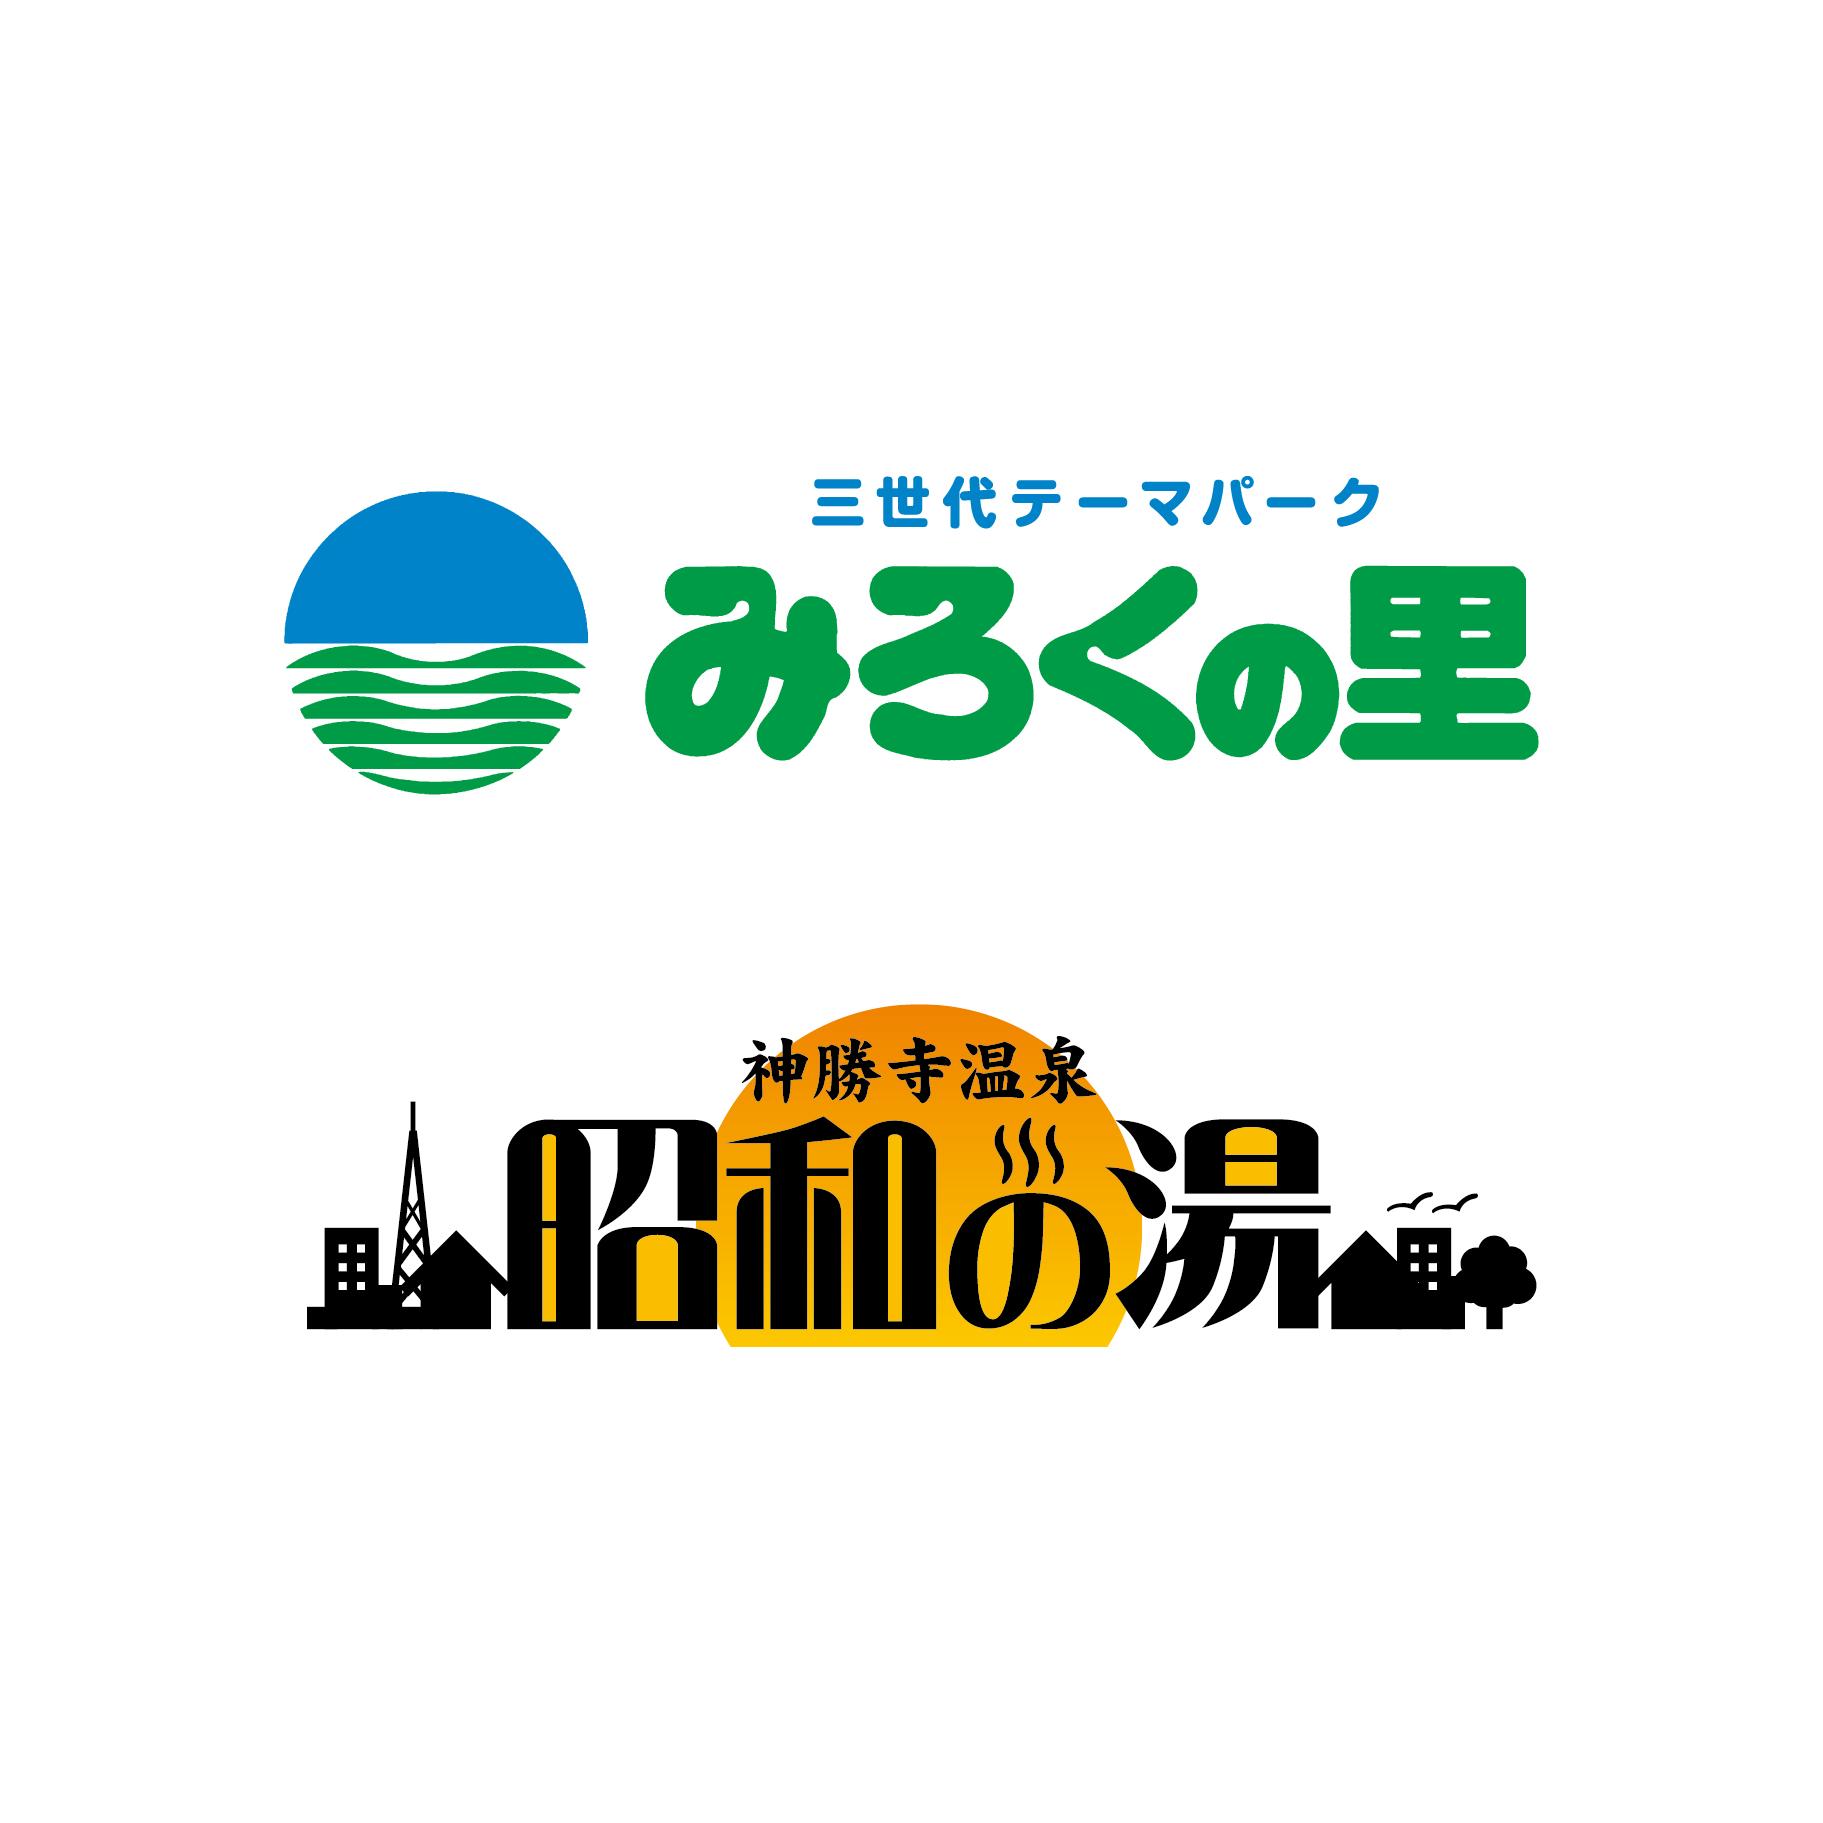 [お知らせ]1/25(月)寒波の影響により、みろくの里・臨時休業、昭和の湯・営業時間変更